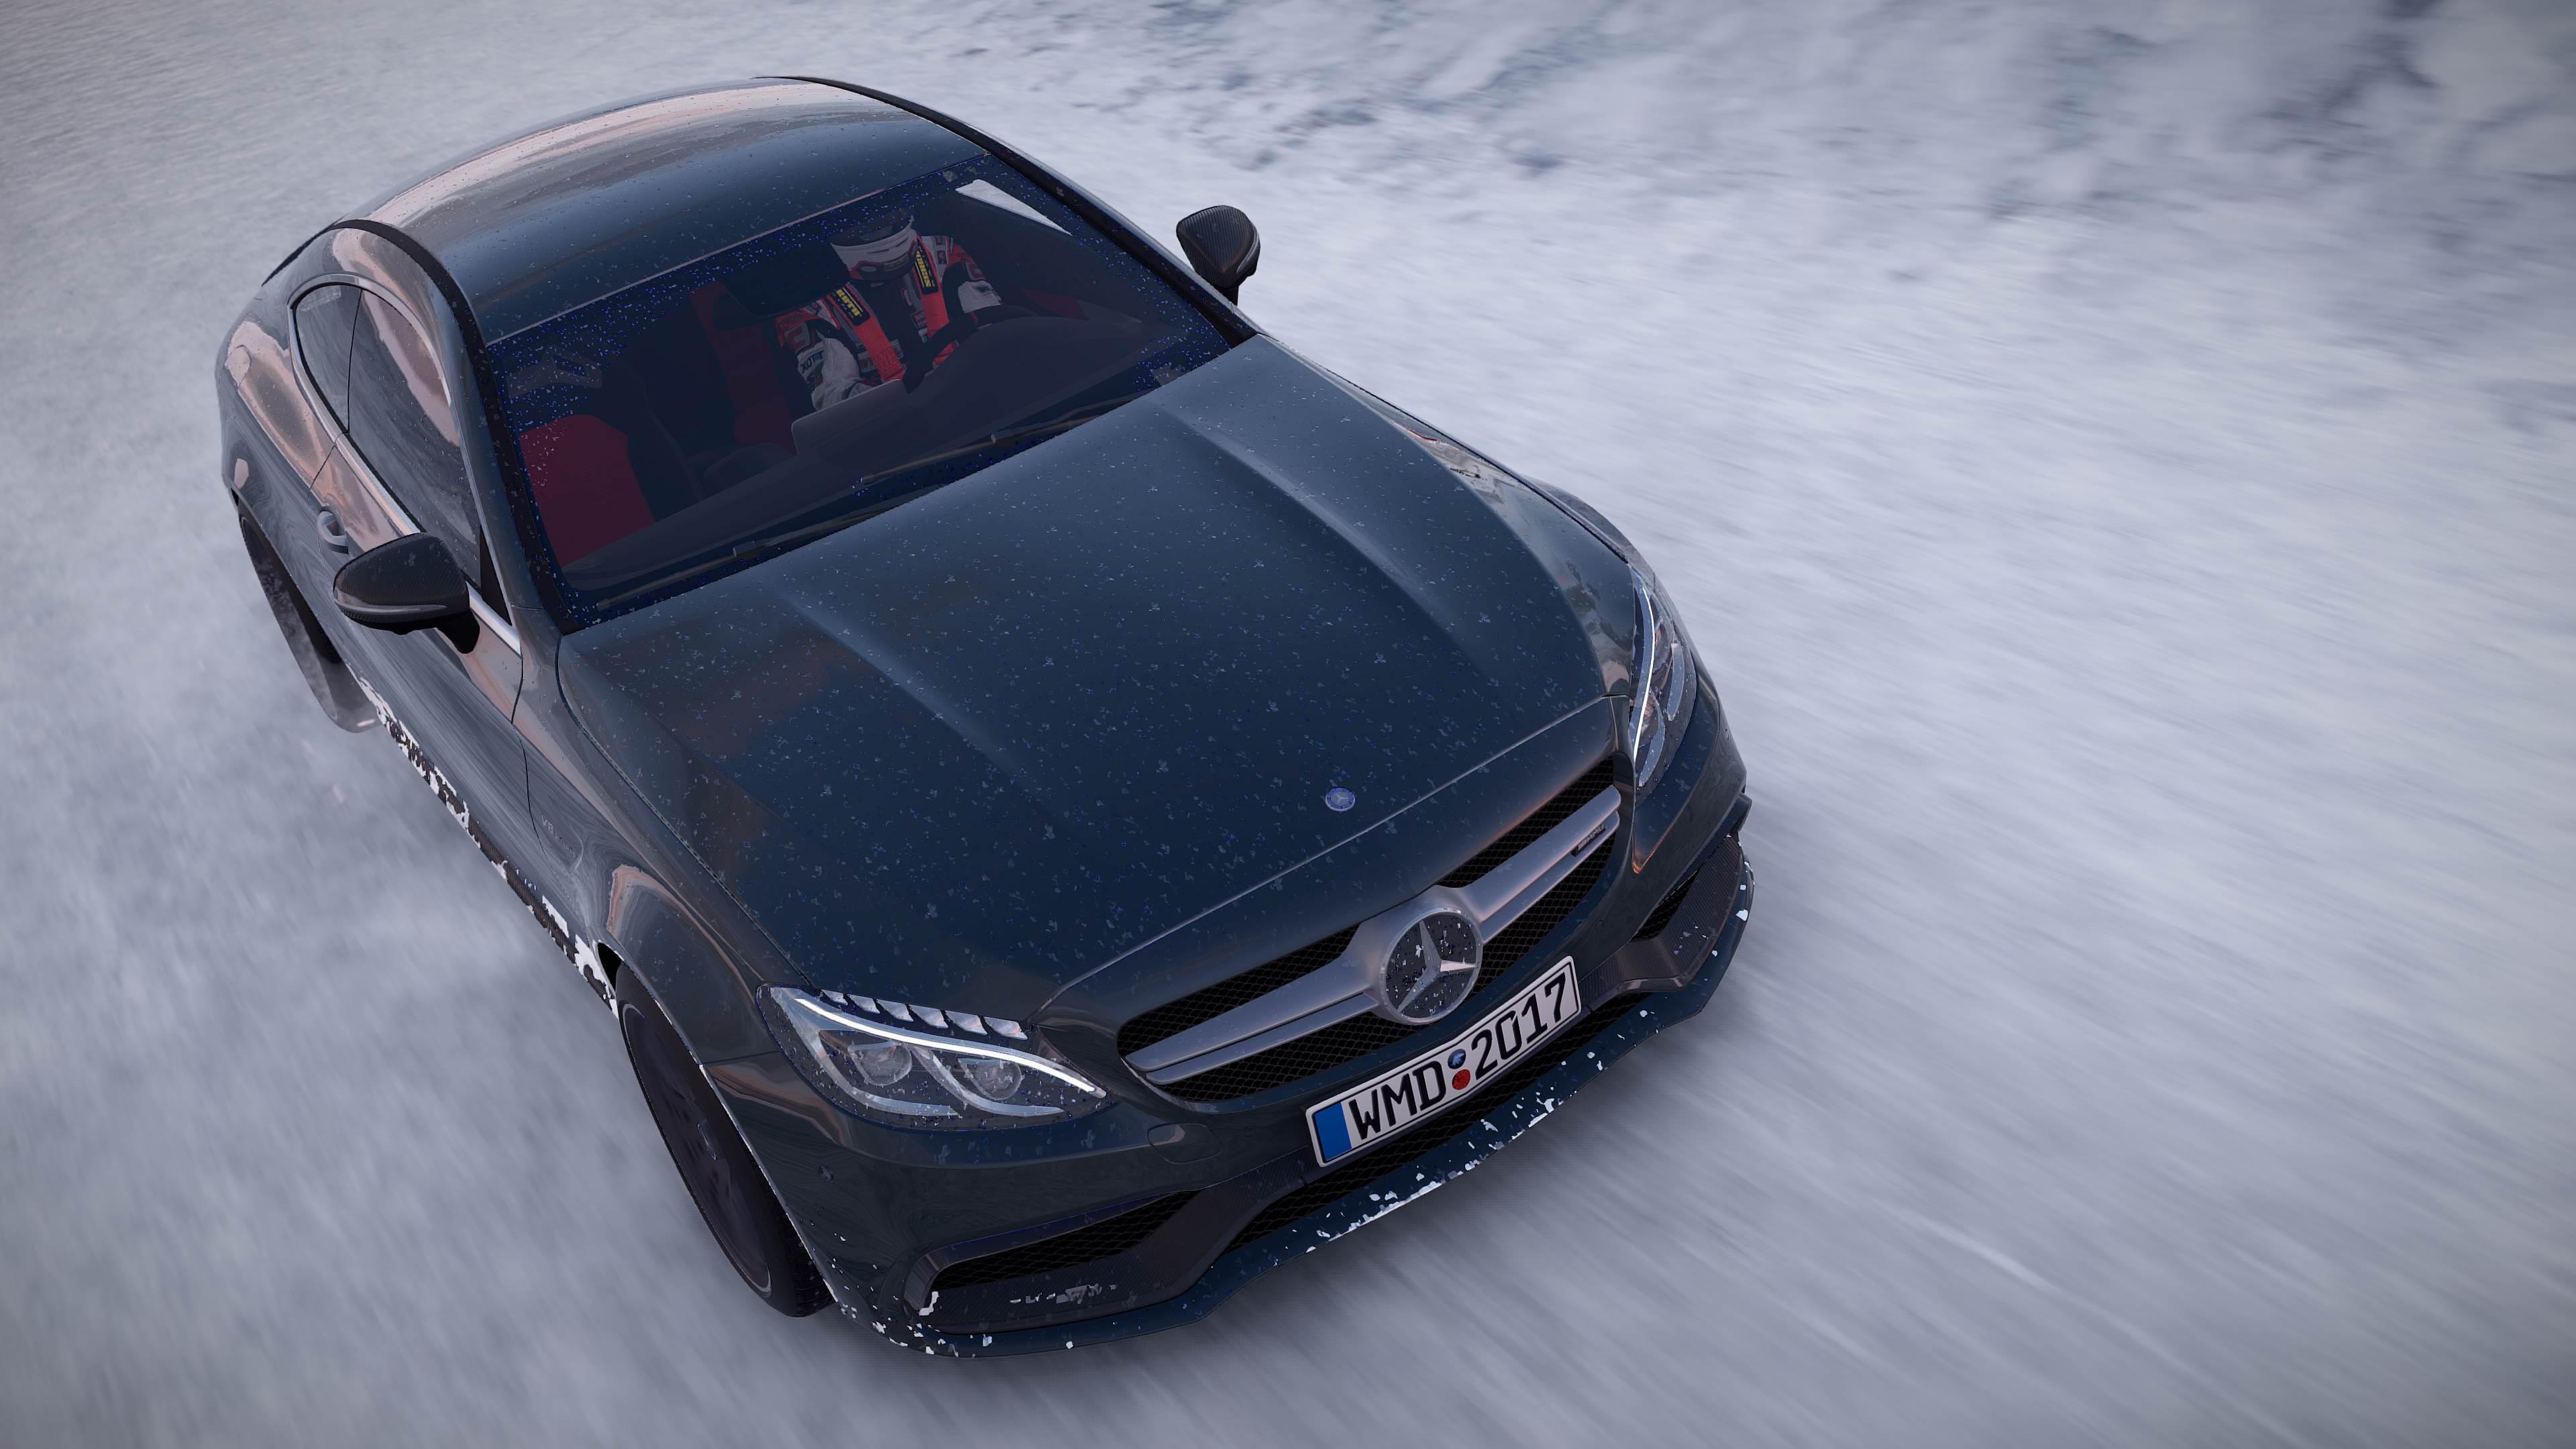 Auto motor und sport testwertungen - Mercedes Benz Driving Events Erstmals Im Spiel Enthalten Testwertungen In Der Bersicht